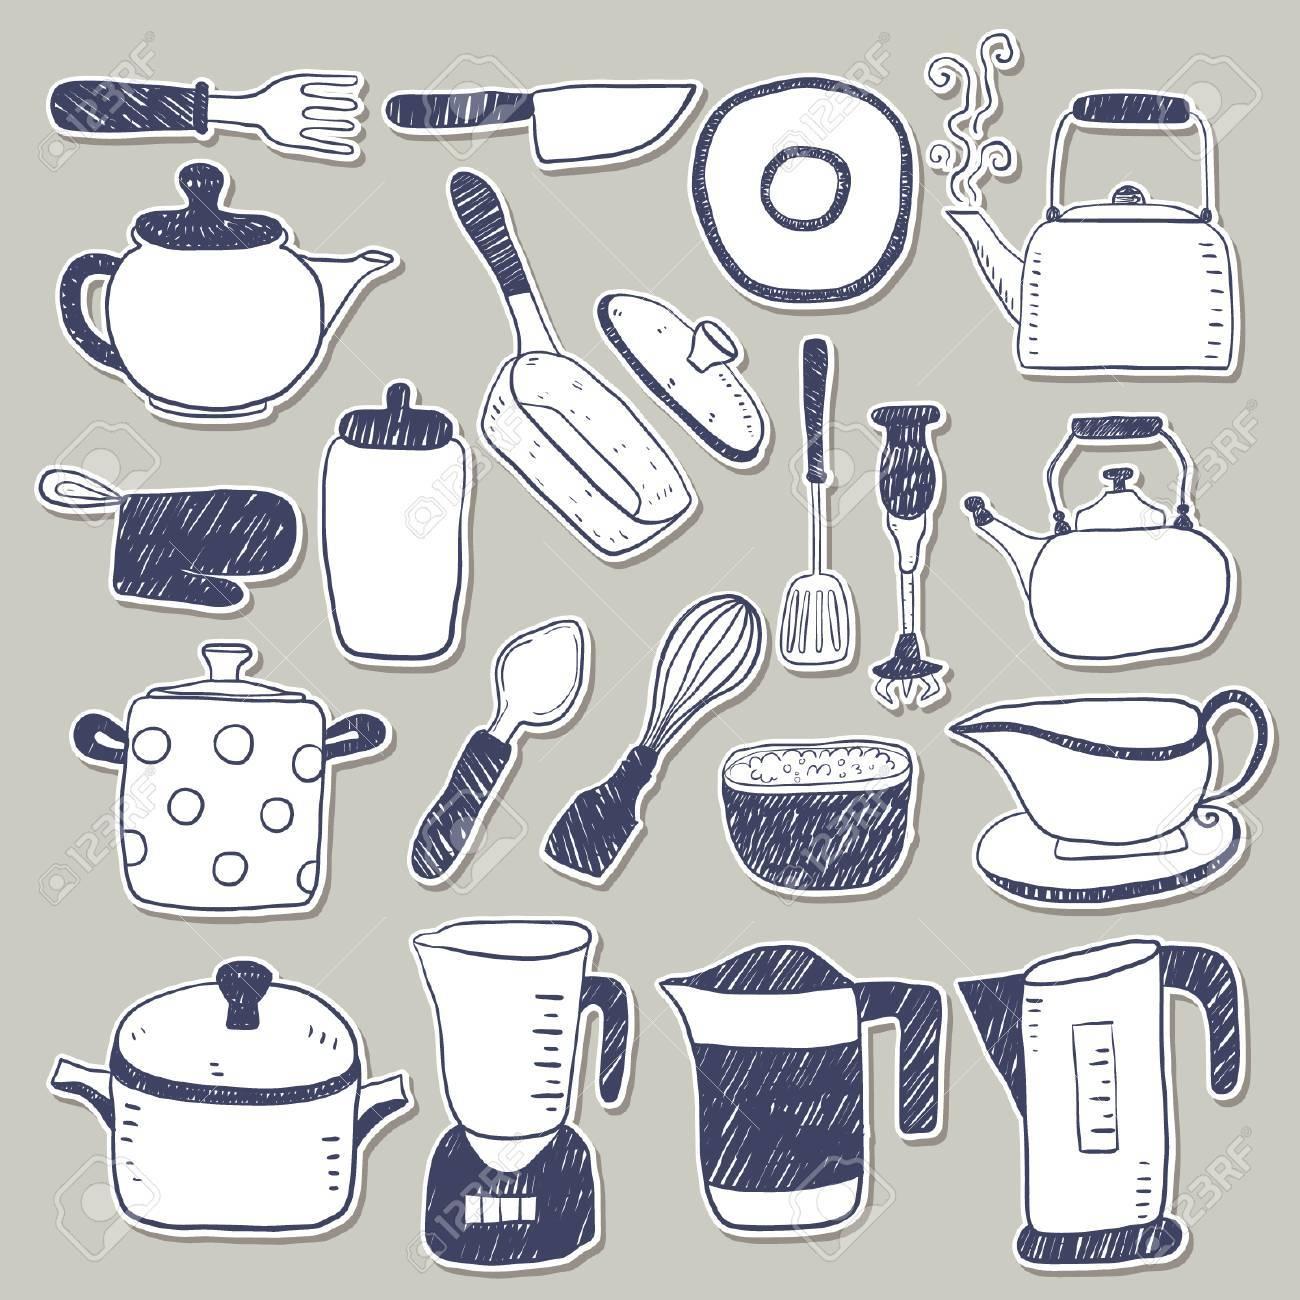 Hand Zeichnen Kuchenutensilien Skizze Aufklebersammlung Lizenzfrei Nutzbare Vektorgrafiken Clip Arts Illustrationen Image 66277612